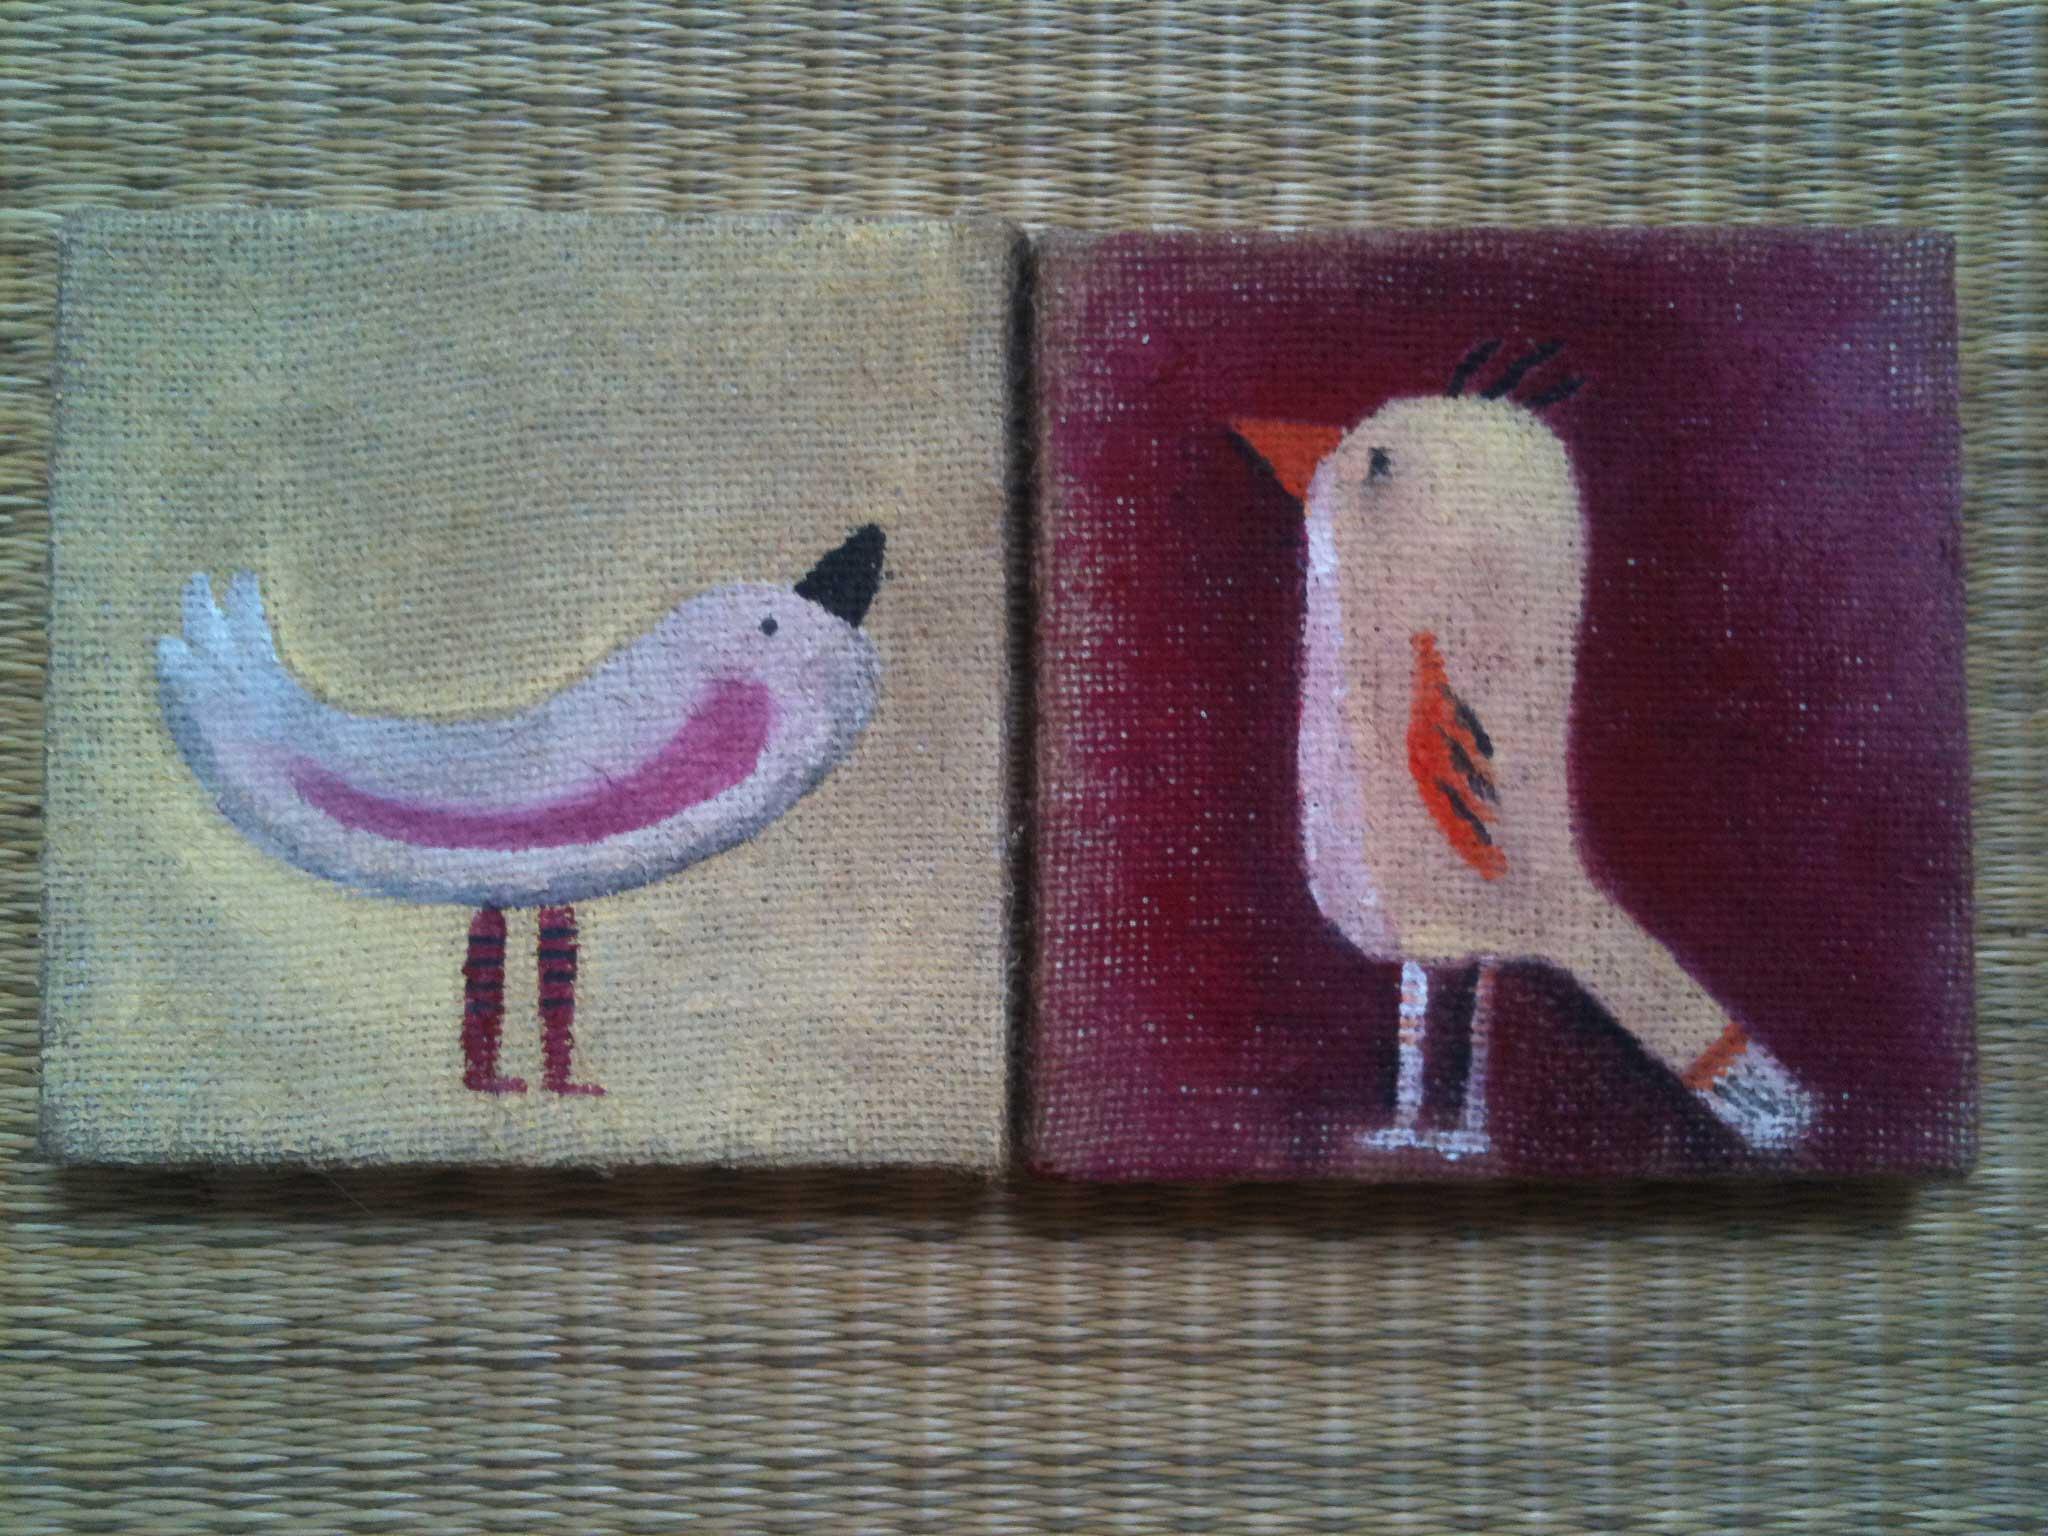 Quadretti uccellini